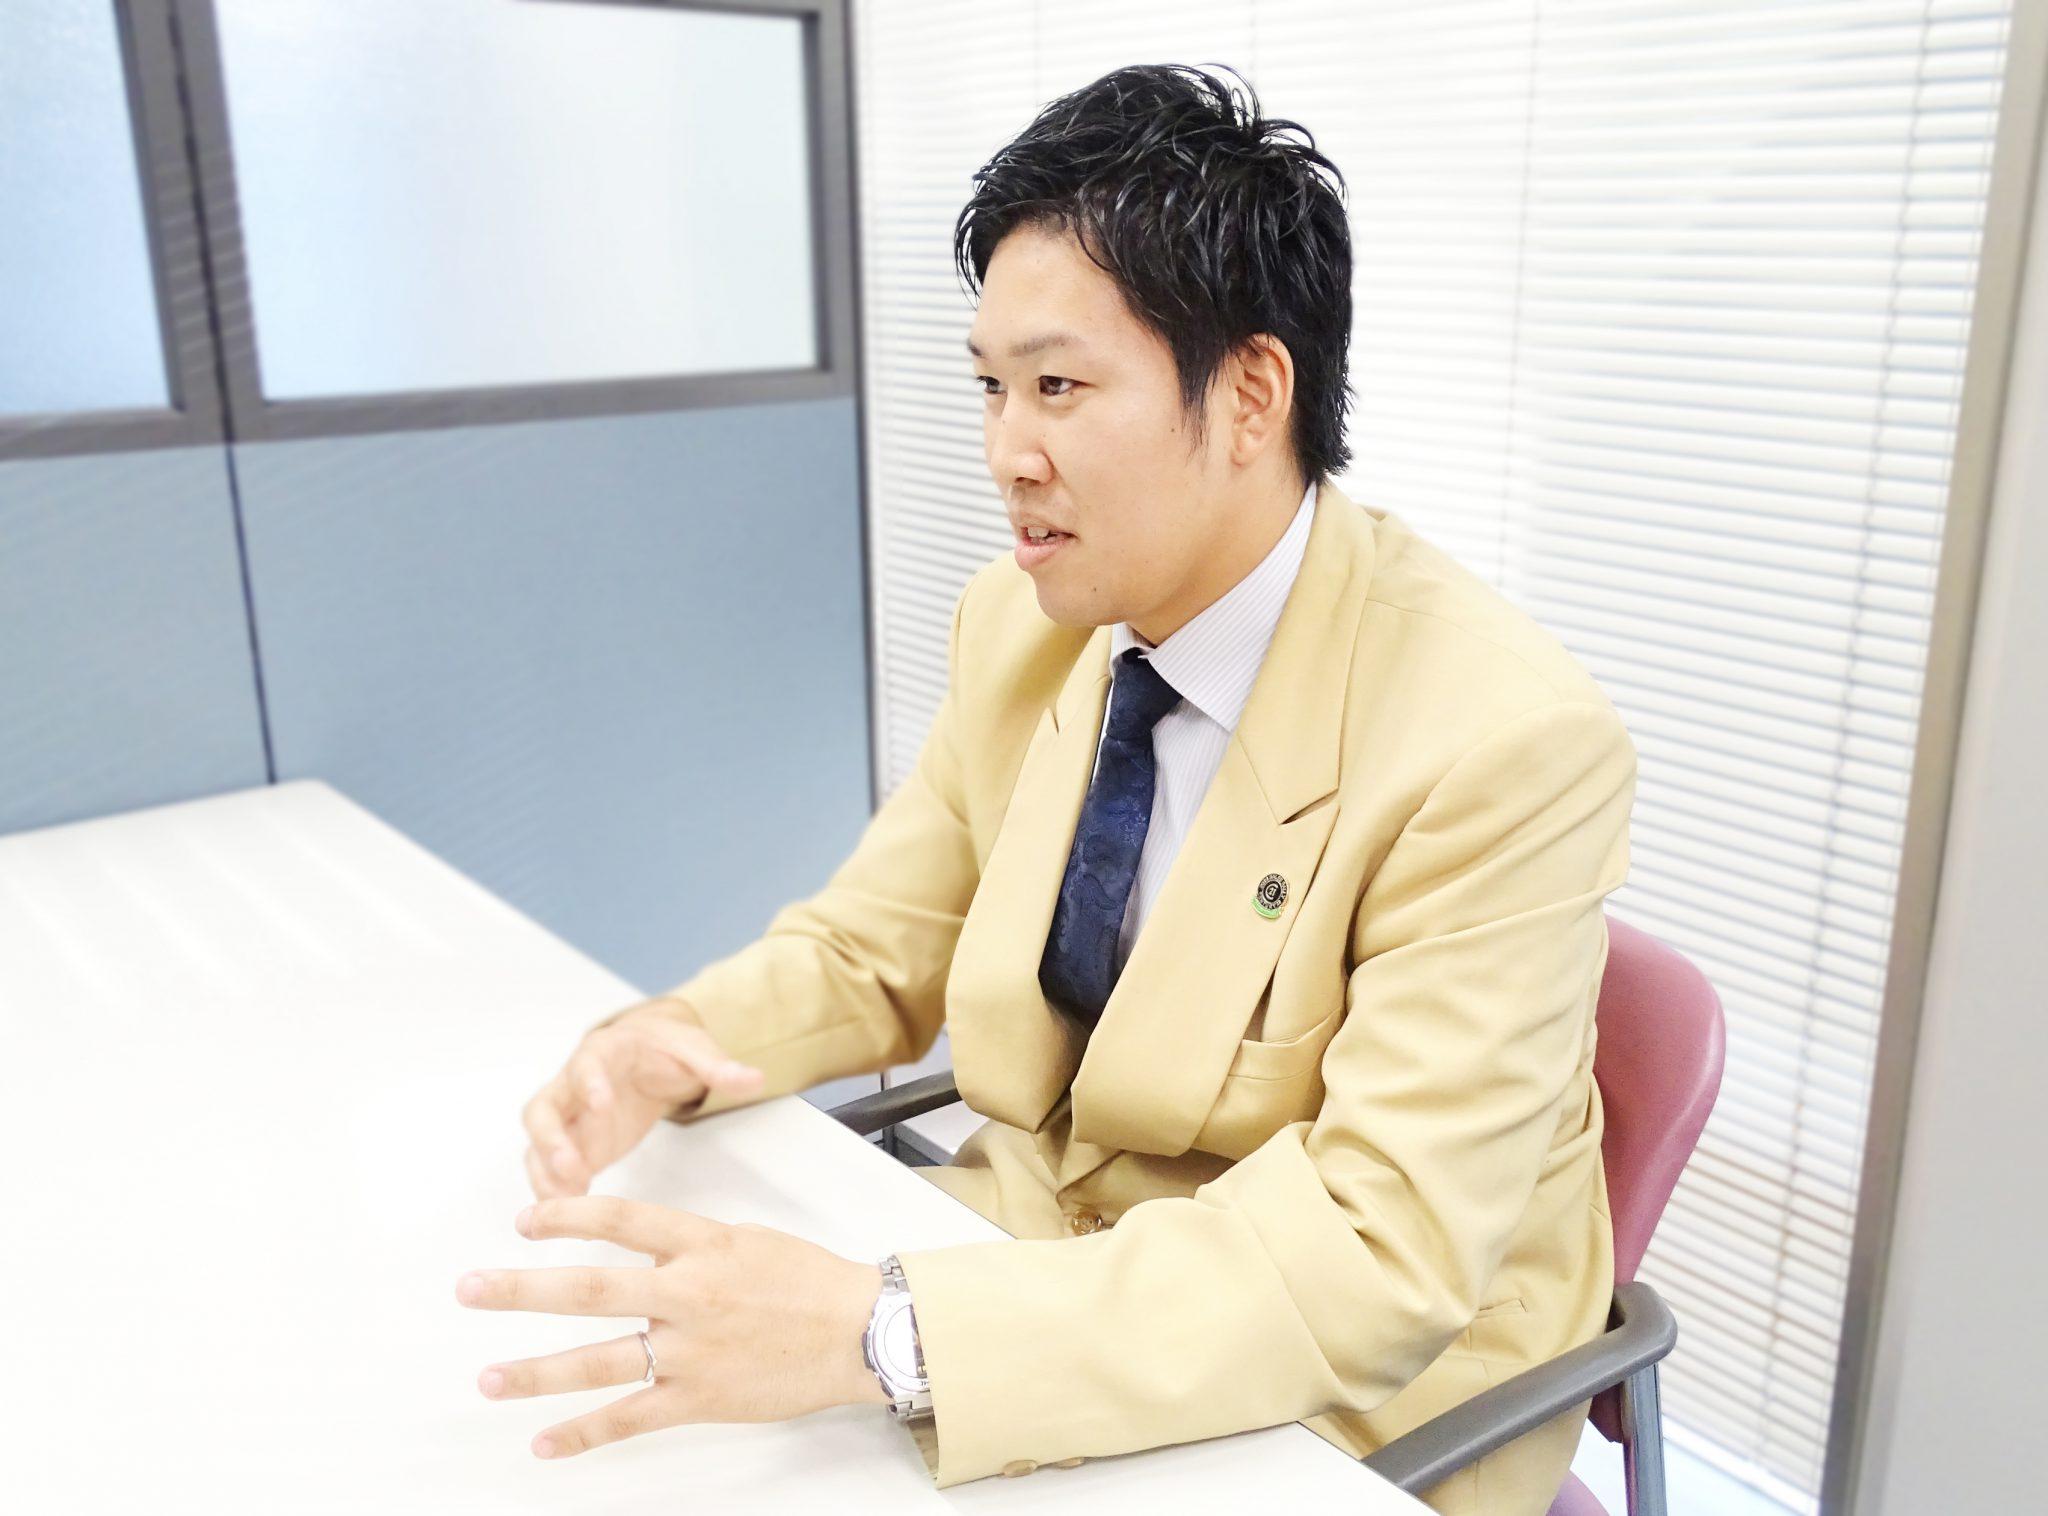 シーカーズインタビューを受ける吉川 宗一さん